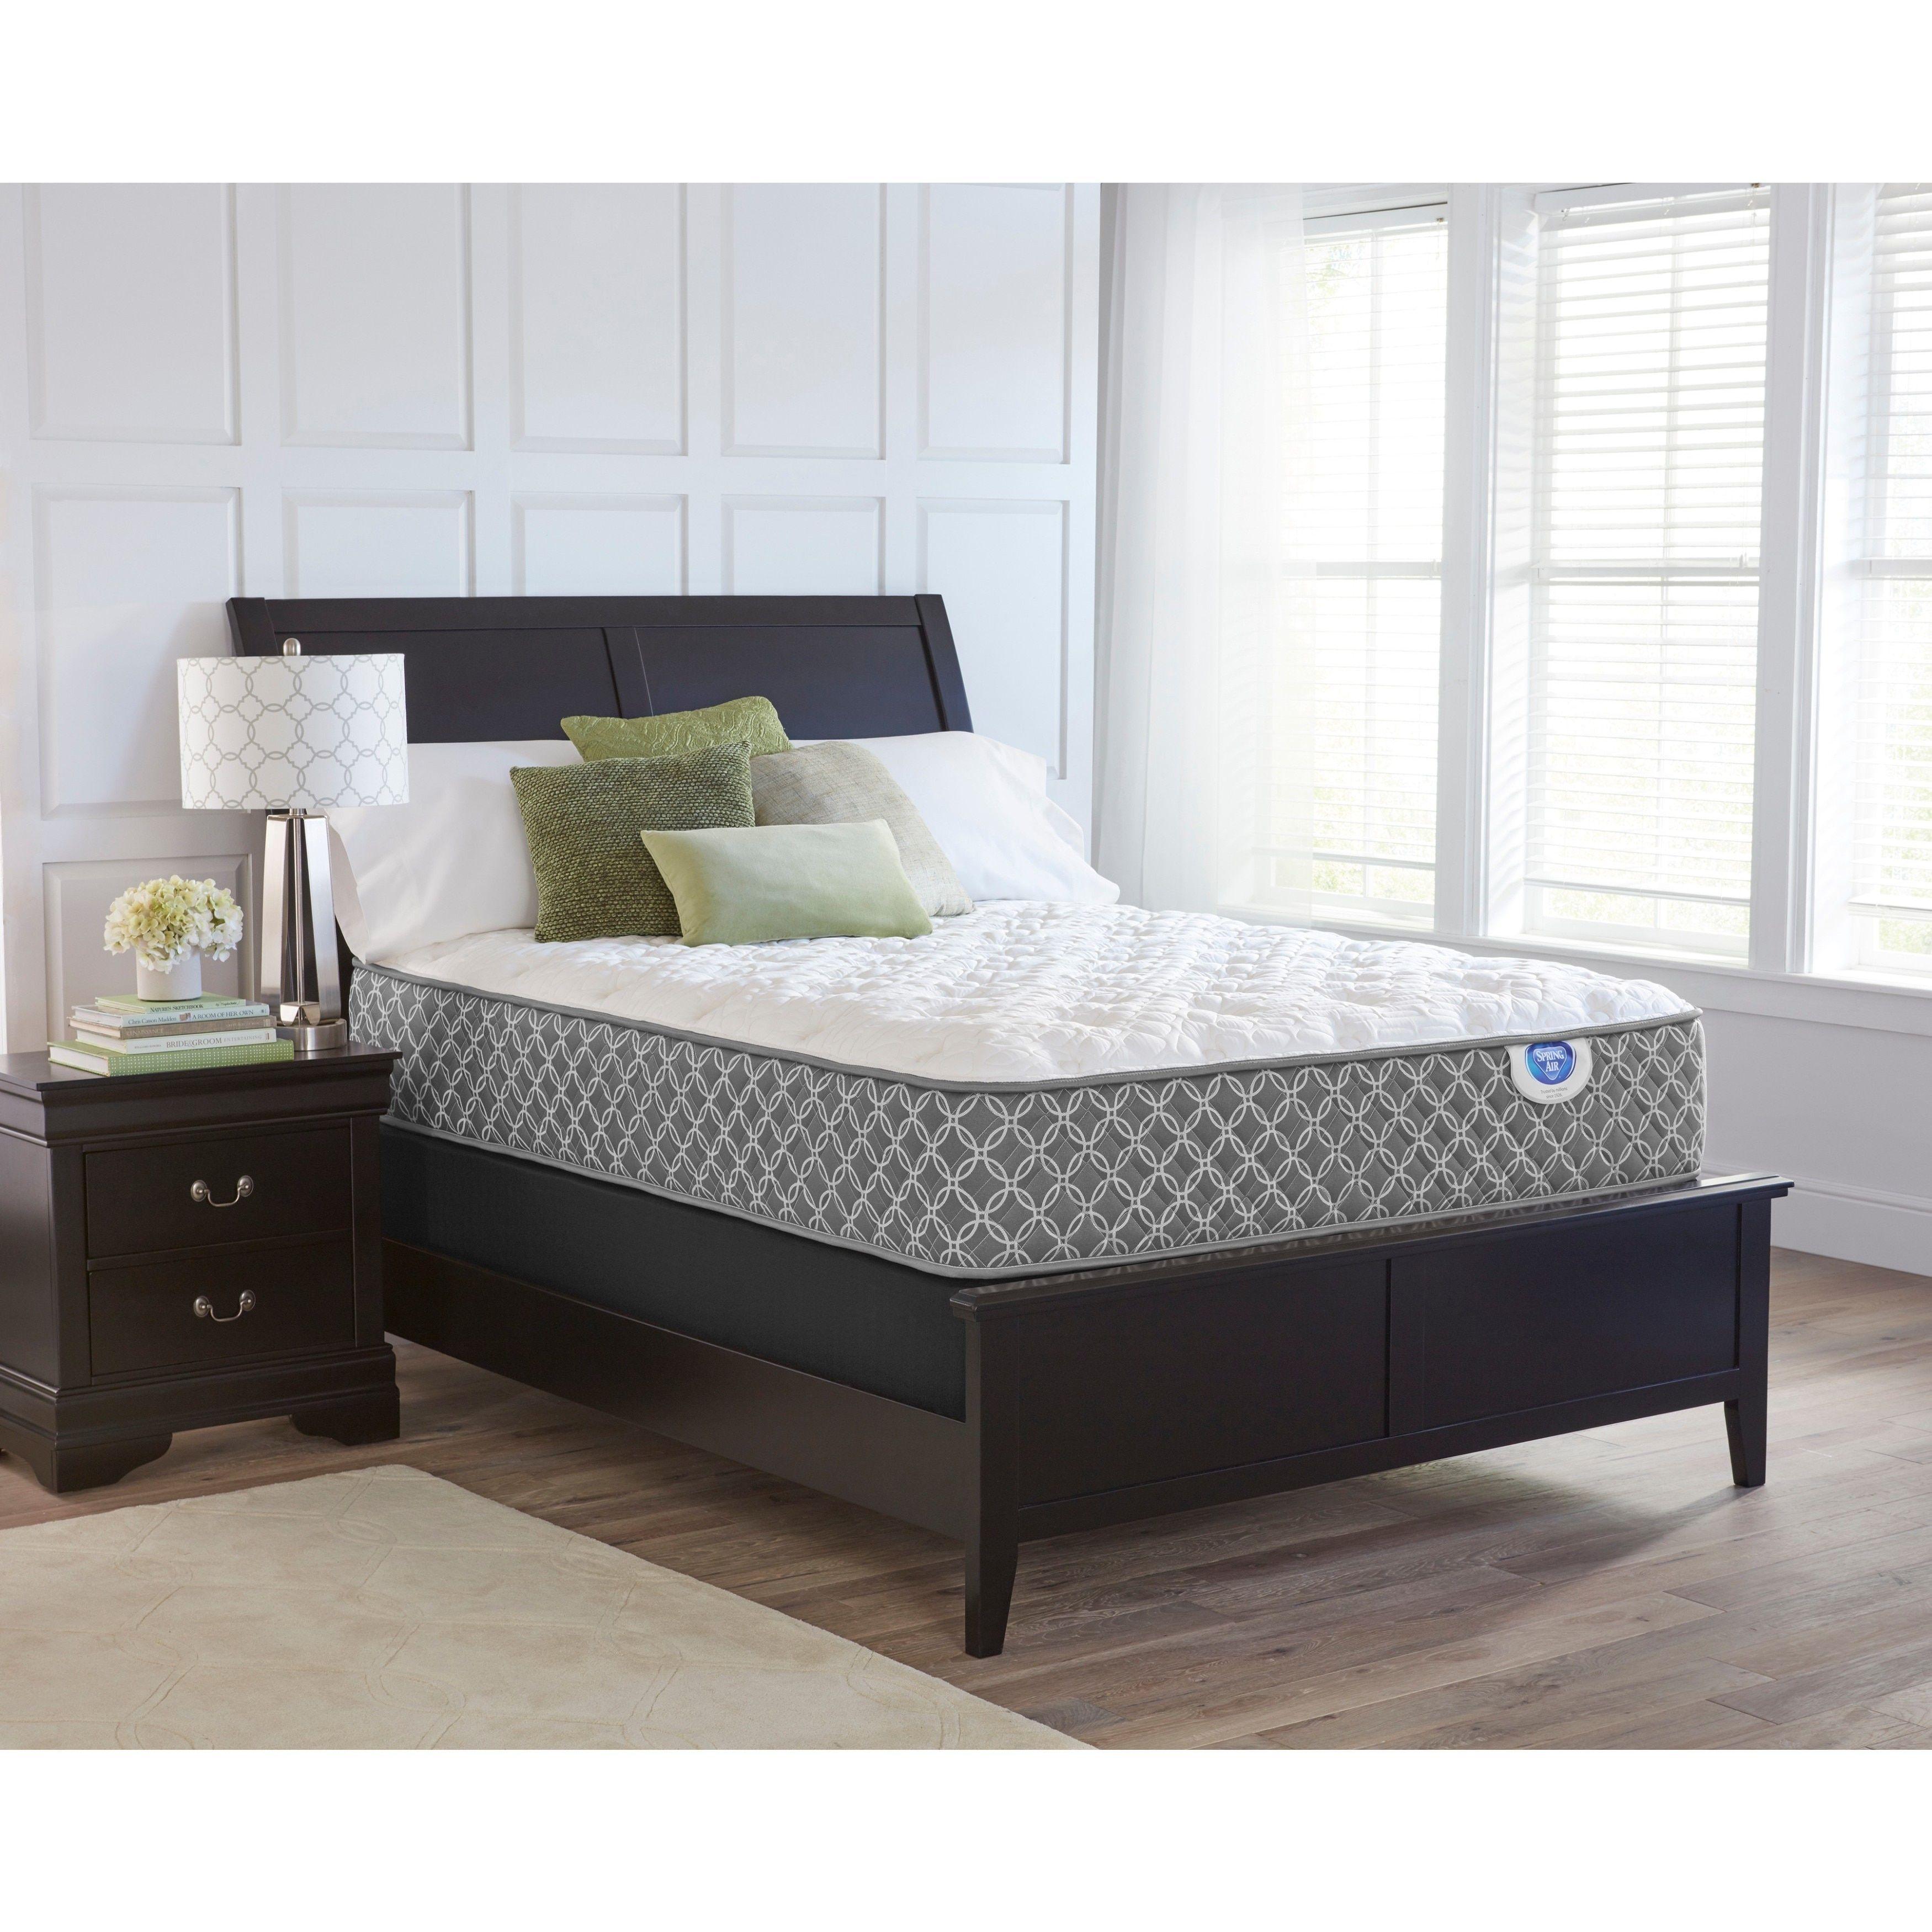 plush by classic mattresses mattress pt beautyrest firm pin mackenzie simmons king